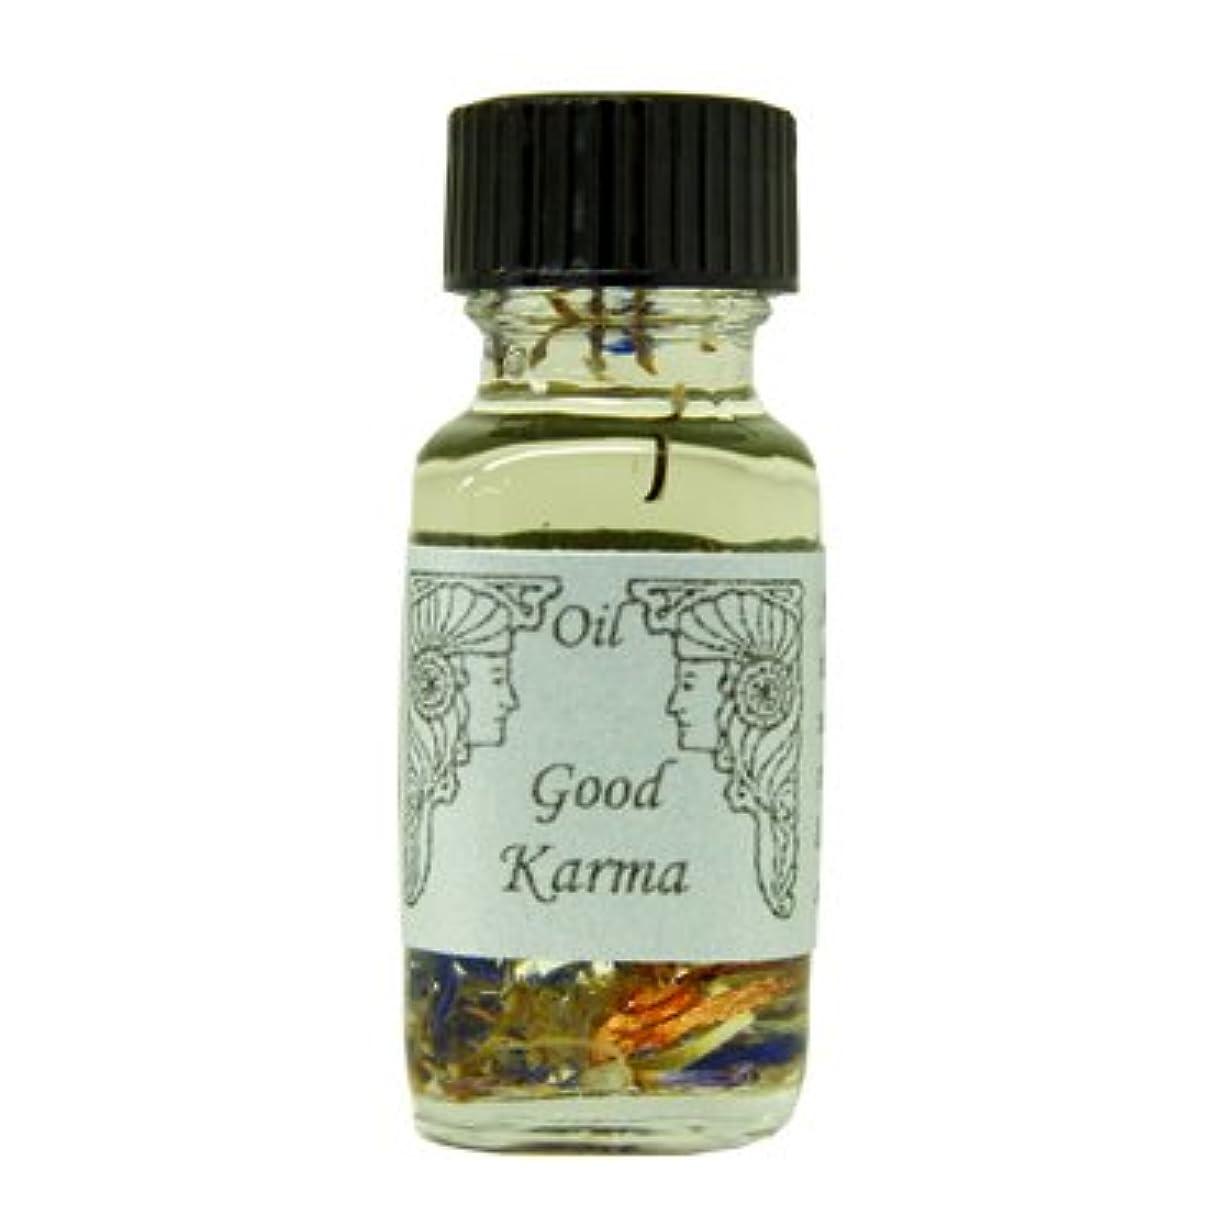 圧縮された指紋クラックポットアンシェントメモリーオイル グッドカルマ (よいカルマを呼ぶ) 15ml (Ancient Memory Oils)